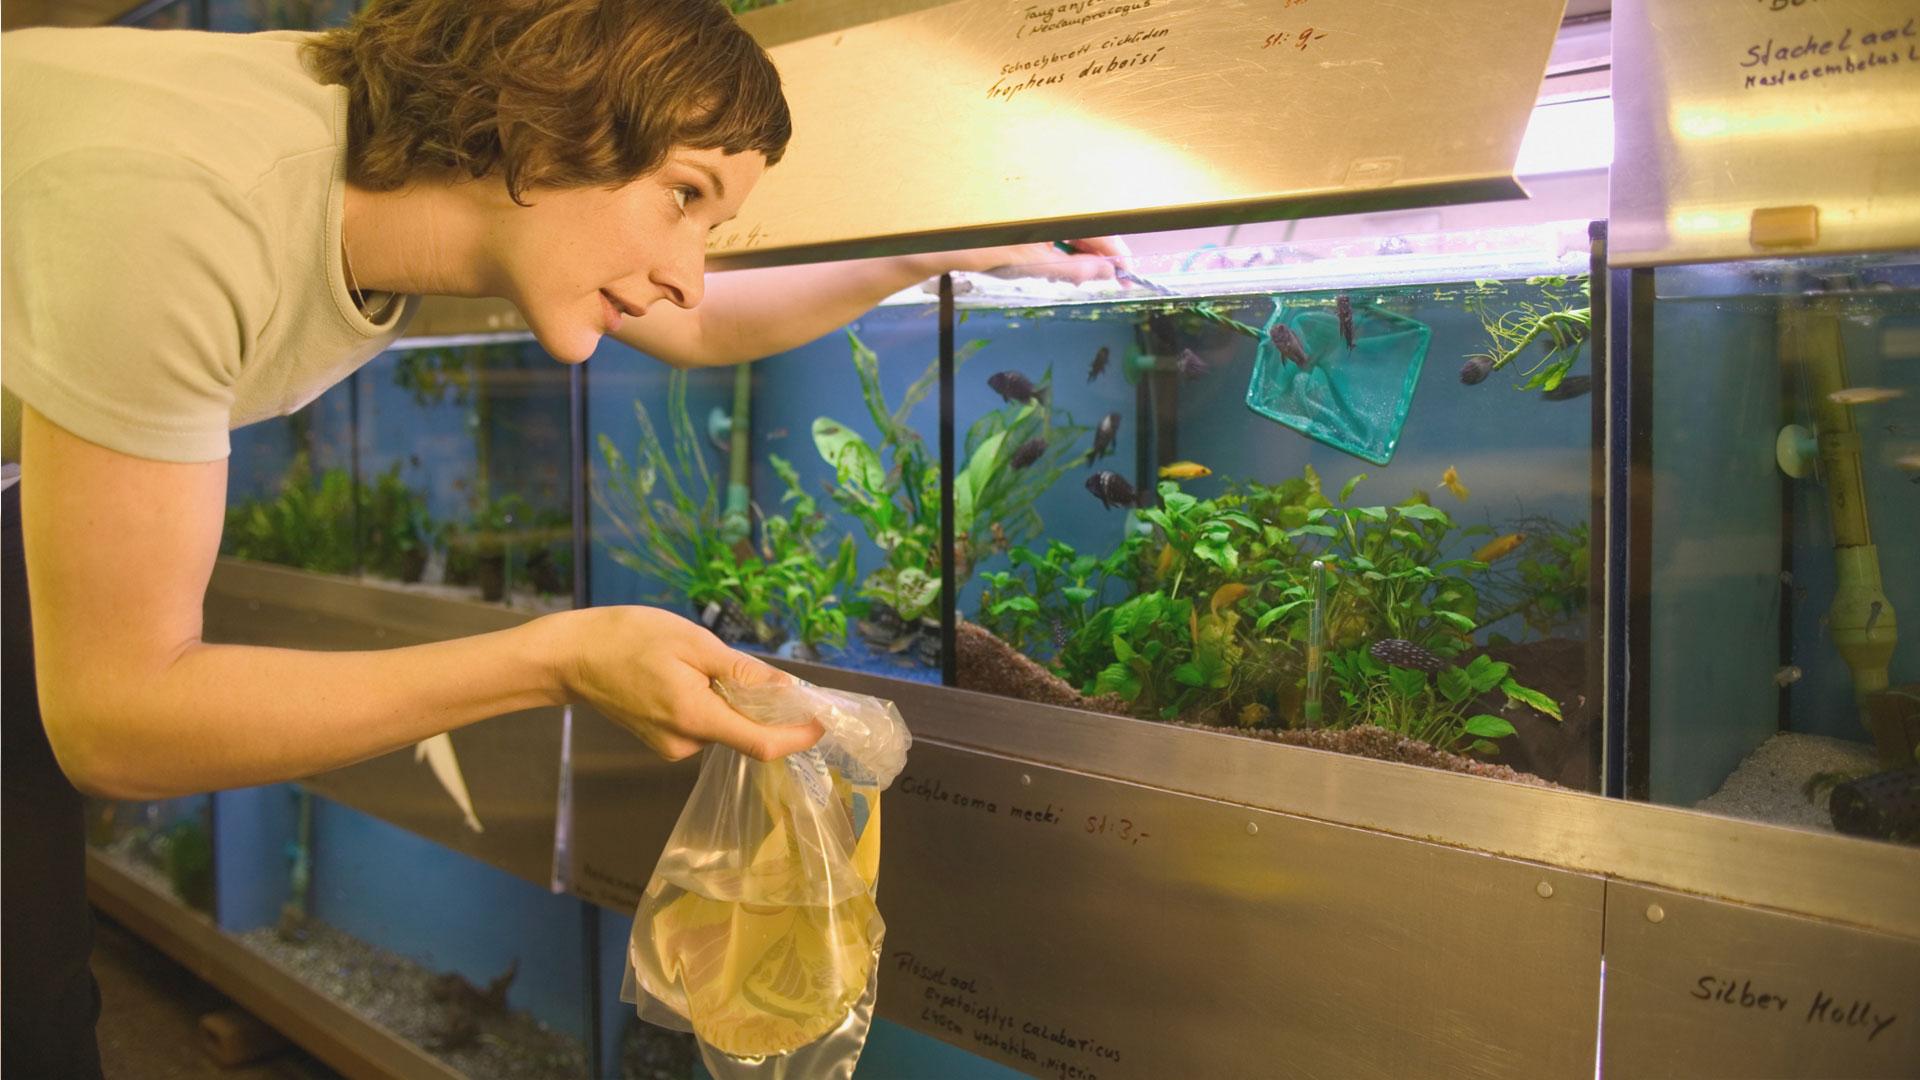 Woman selecting fish